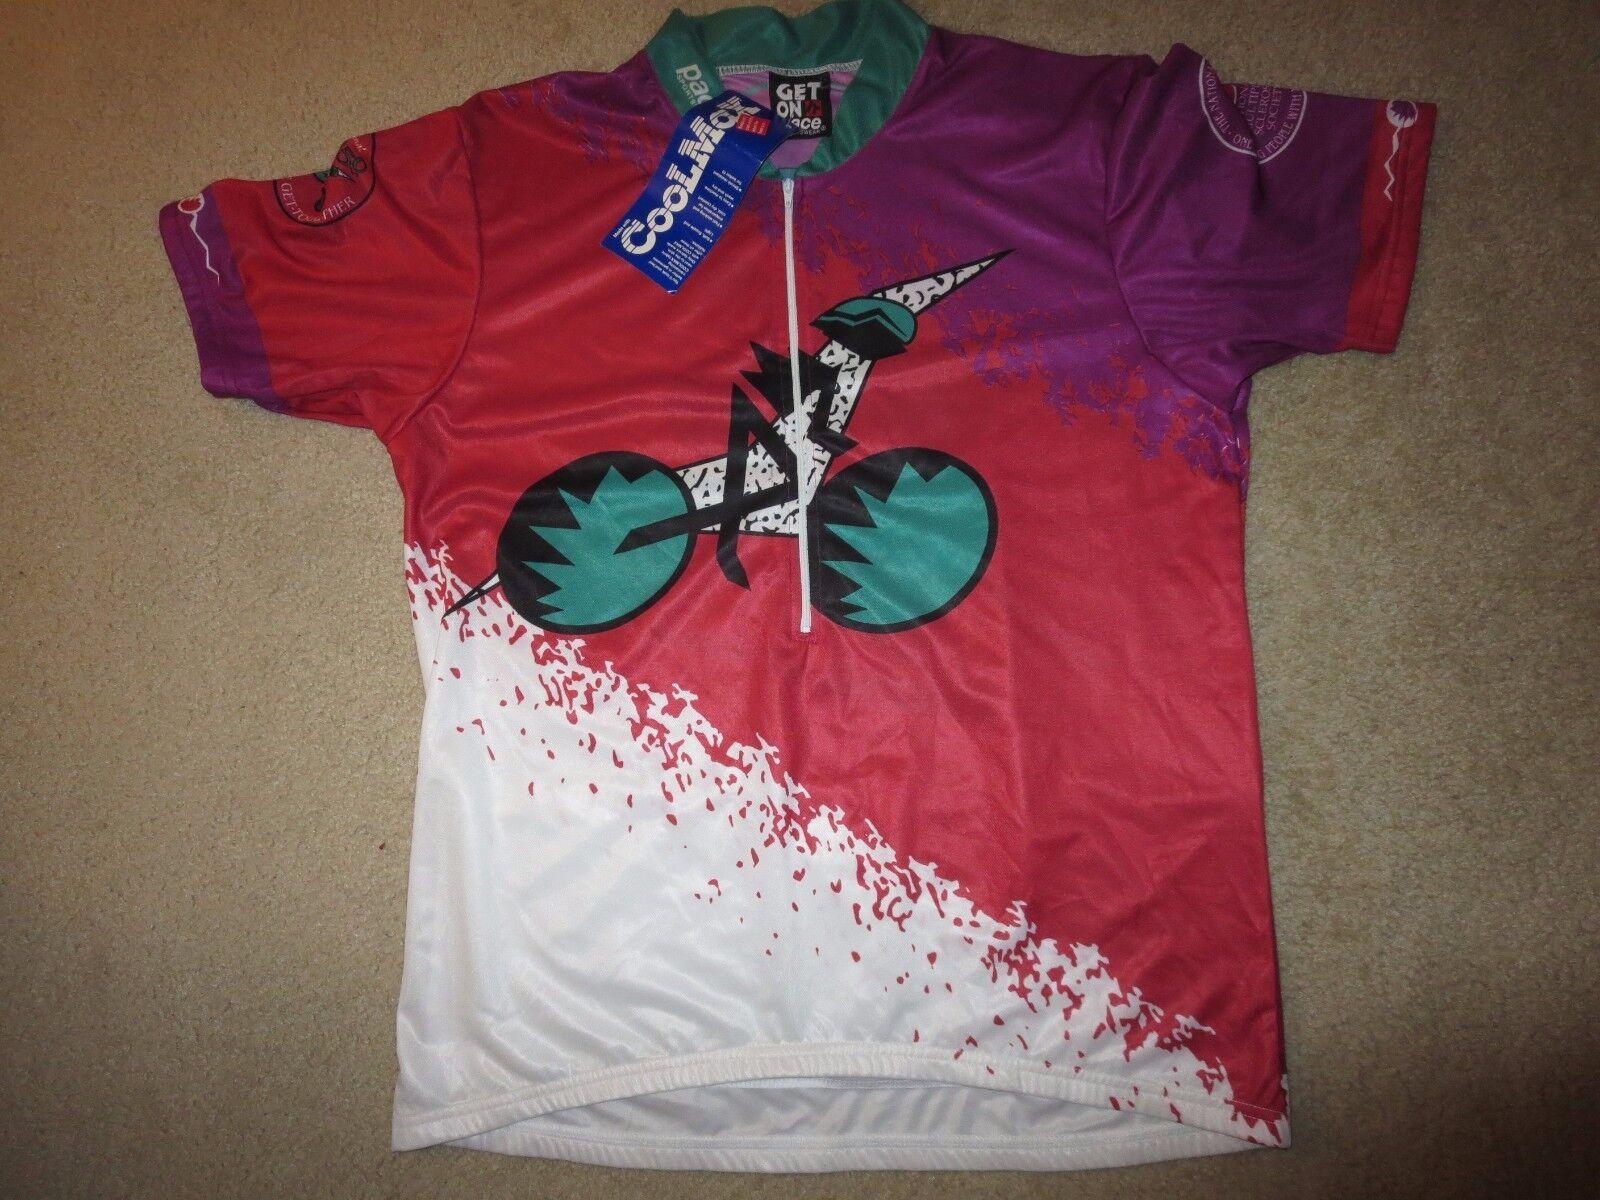 Arizona Arizona Arizona Ms 150 Radsport Team Fahrrad Trikot XL Neu b6d569